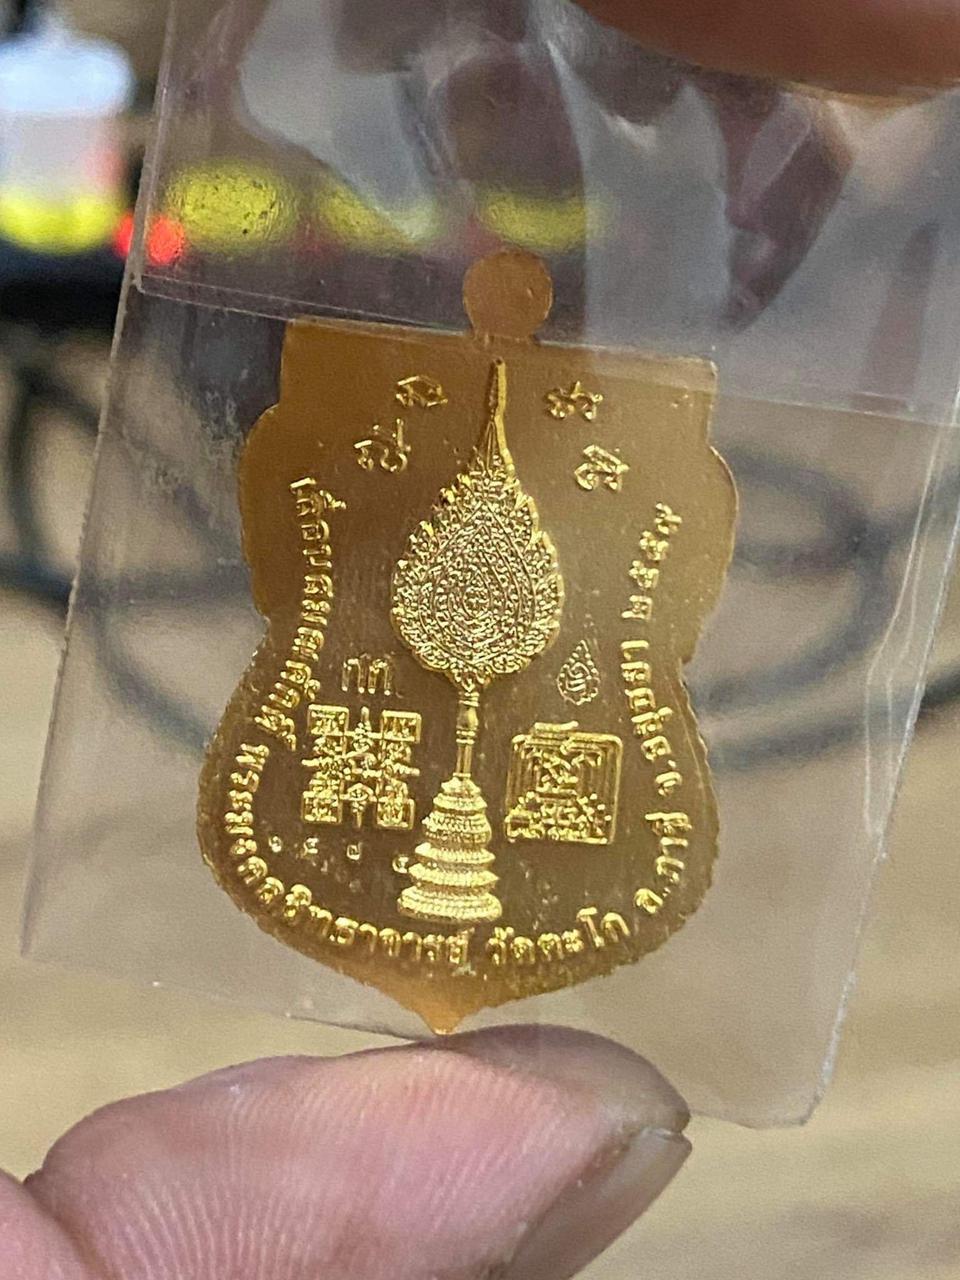 เหรียญ เลื่อนสมณศักดิ์ หลวงพ่อรวย กะไหล่ ทอง รูปที่ 3